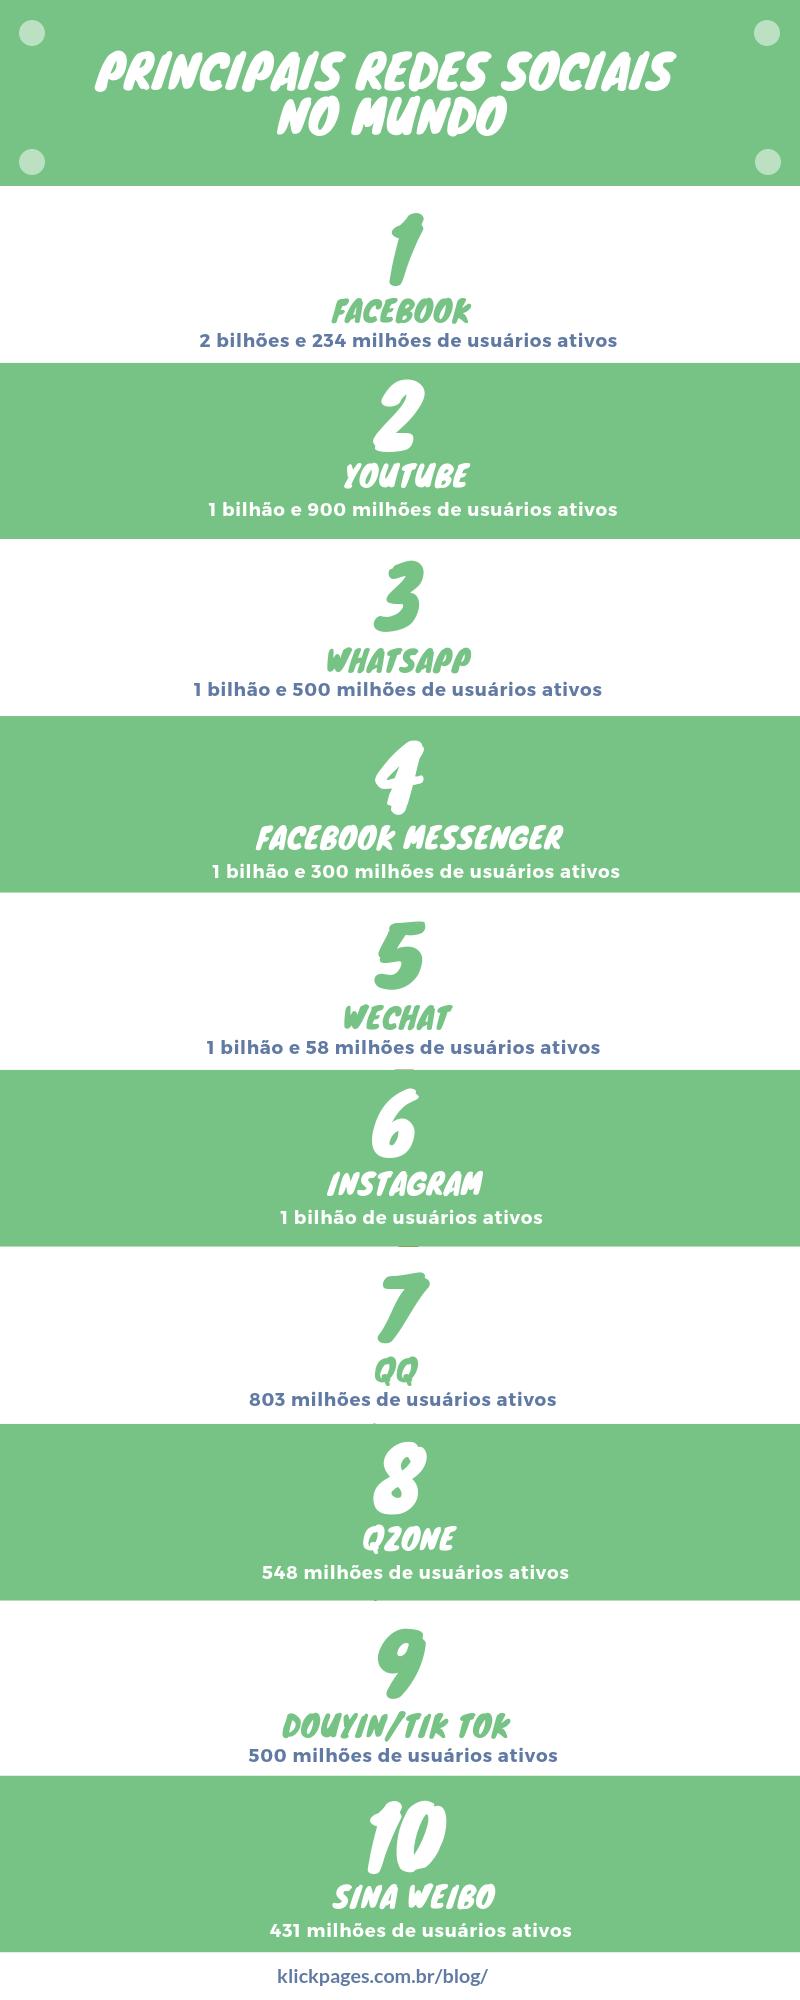 Principais redes sociais no mundo infográfico